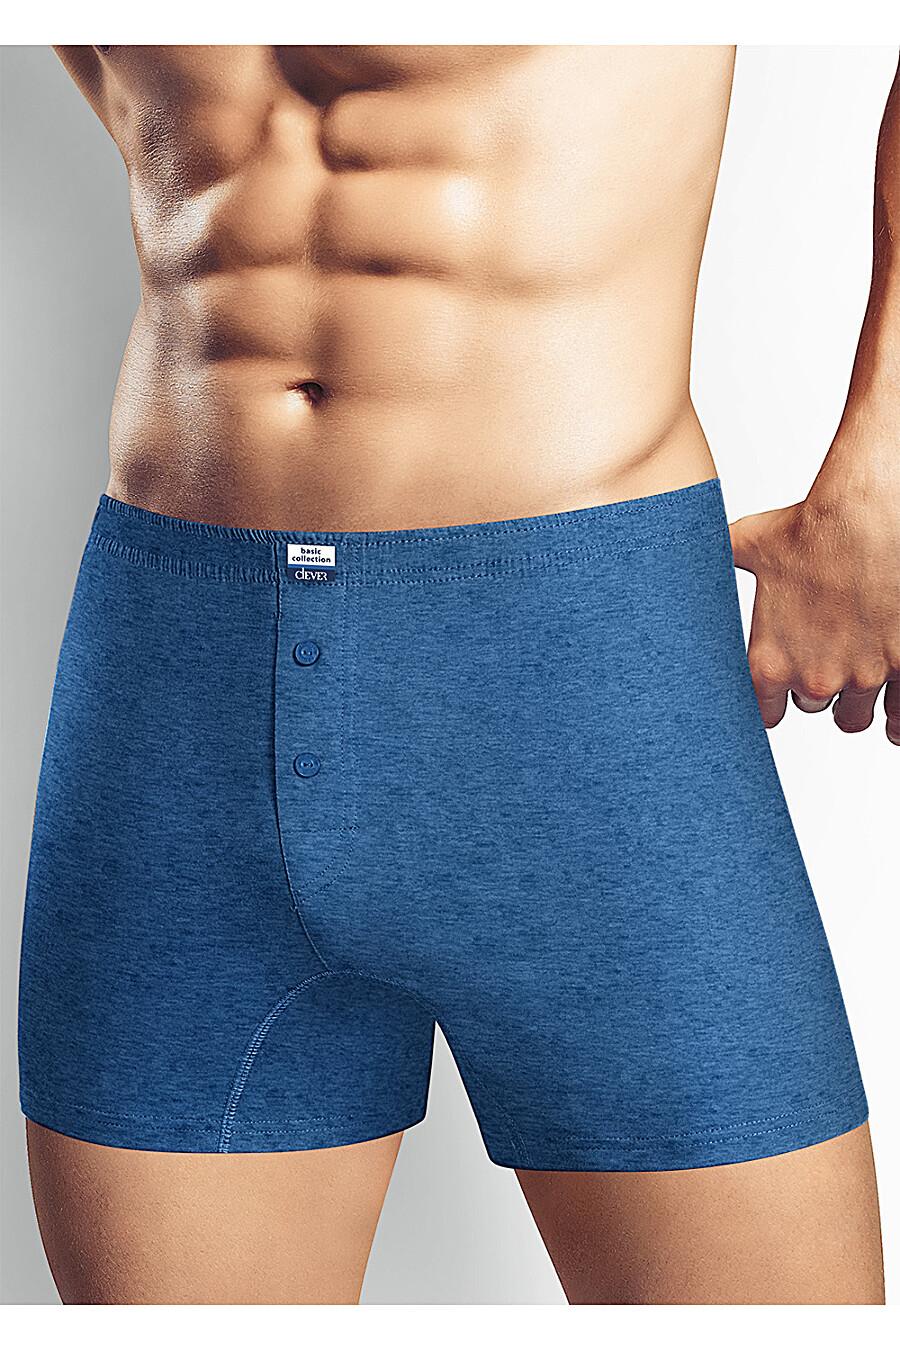 Трусы для мужчин CLEVER 155516 купить оптом от производителя. Совместная покупка мужской одежды в OptMoyo